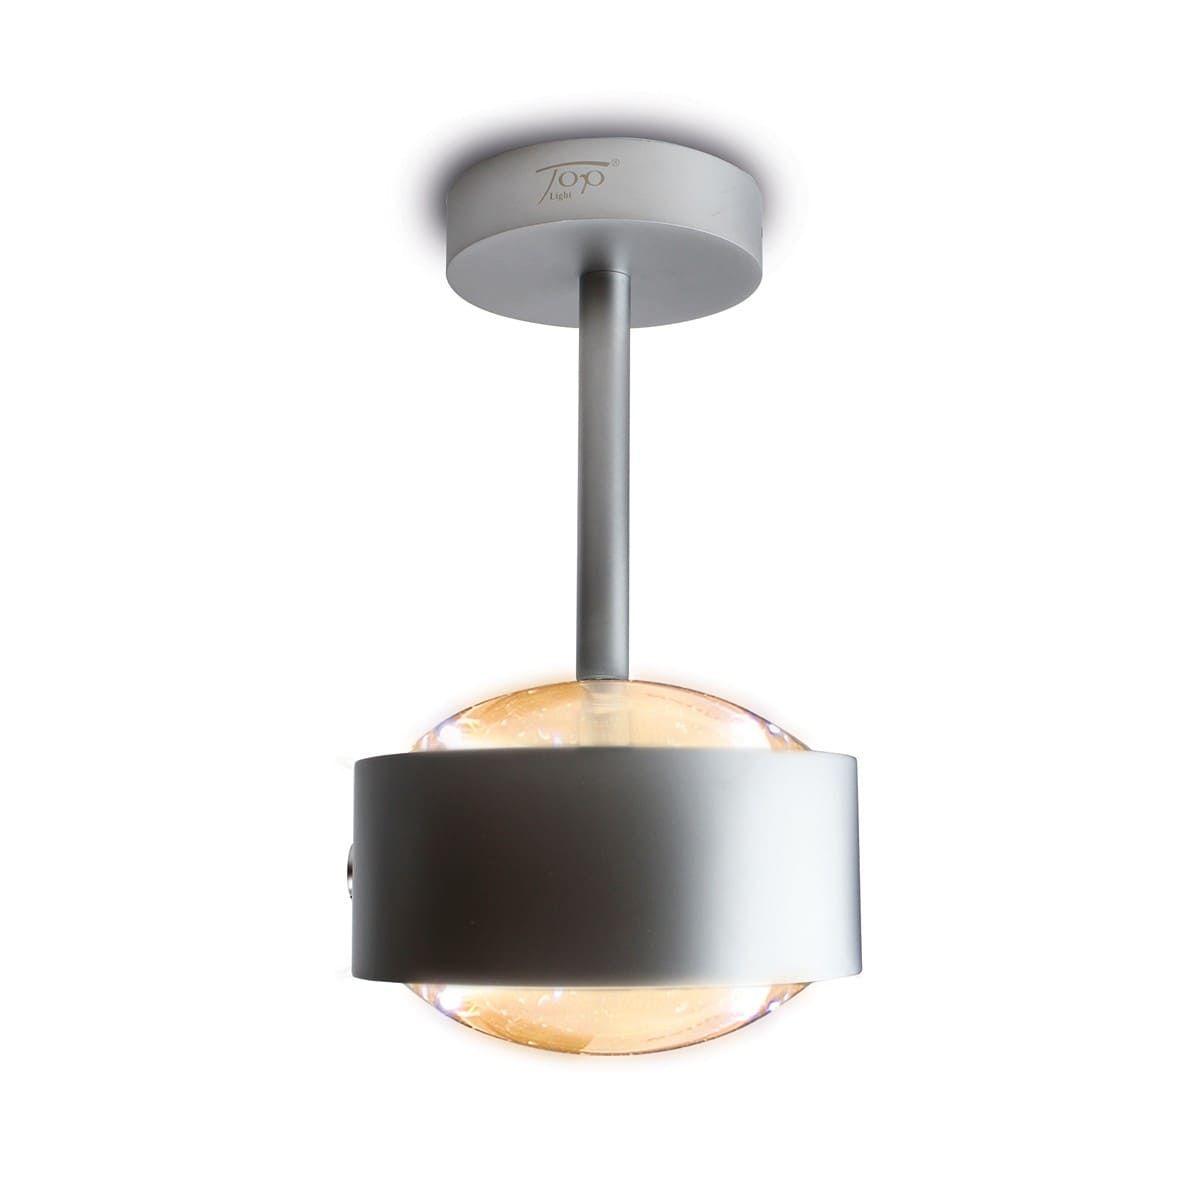 Deckenleuchten Design Edelstahl Deckenlampe Halogen Deckenbeleuchtung Wohnzimmer Selber Bauen Led Badlampe De Led Pendelleuchte Led Deckenleuchten Design